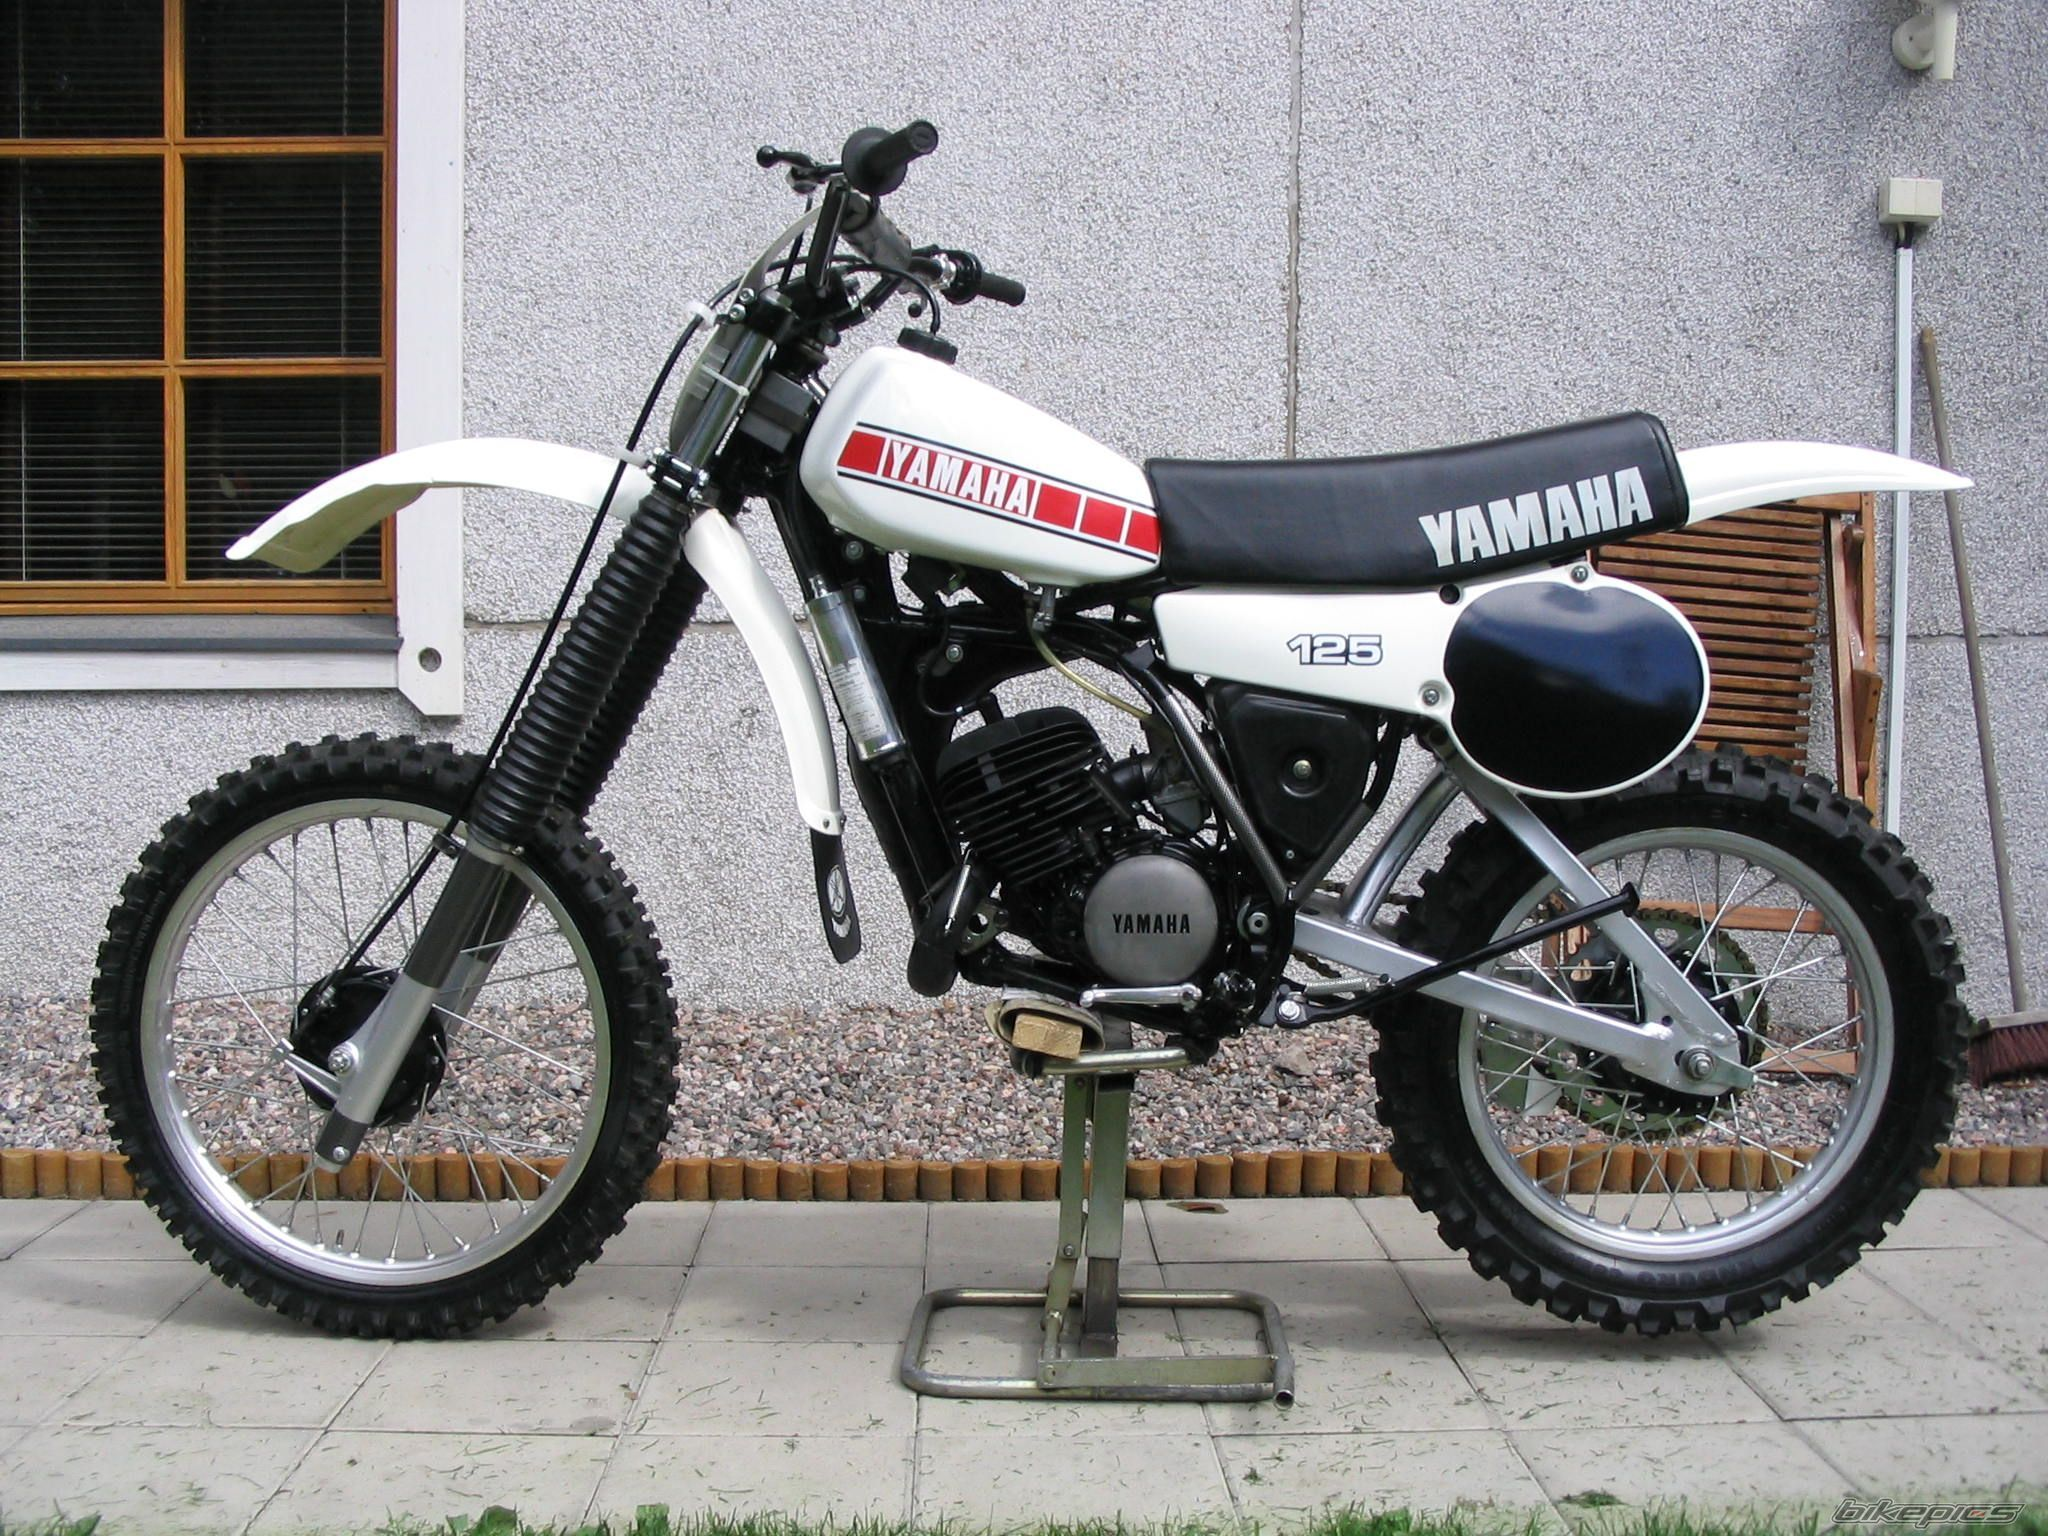 Ismoh S 1980 Yamaha Yz 125 Yamaha Yz 125 Yamaha Motocross Yamaha